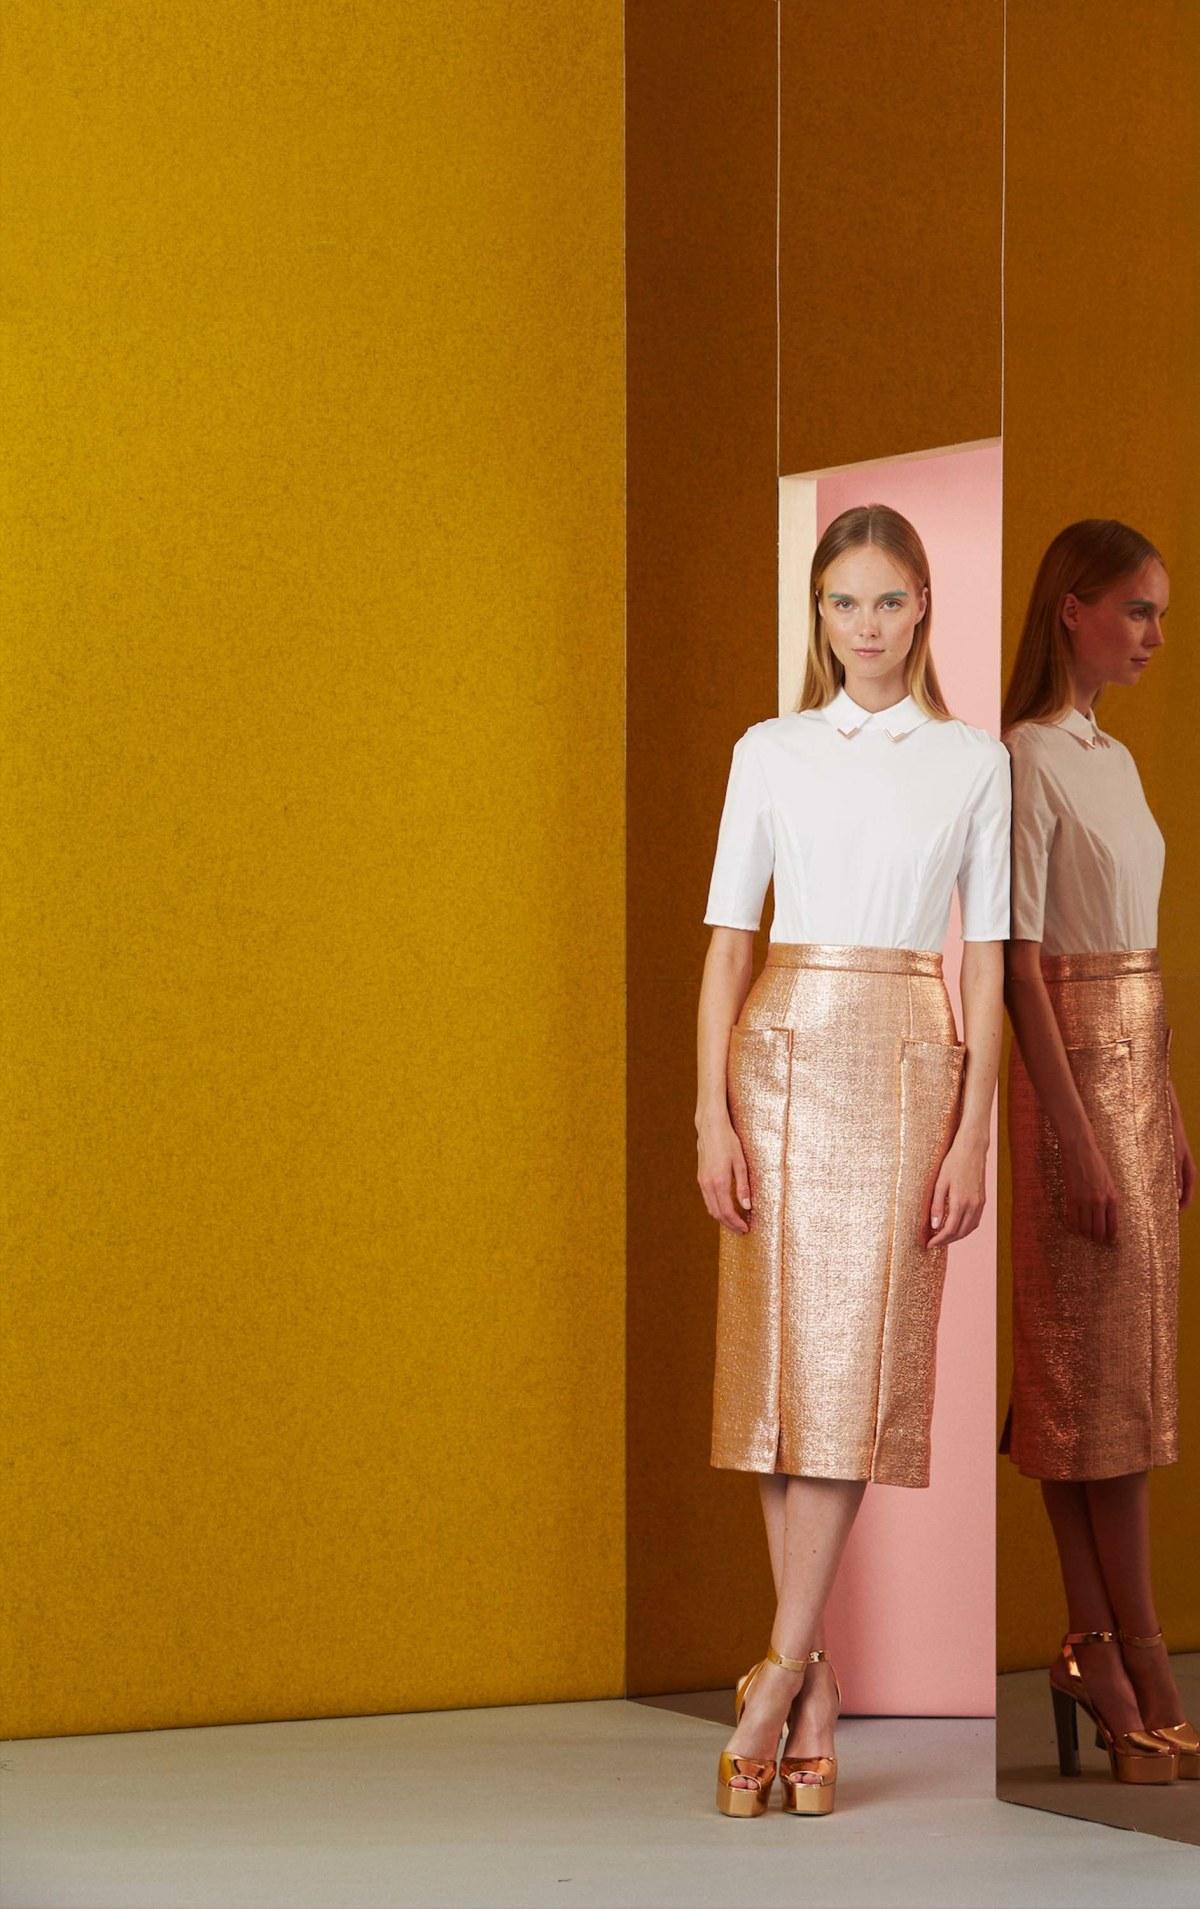 Lela-Rose-Resort-2017-fashion-show-the-impression-021